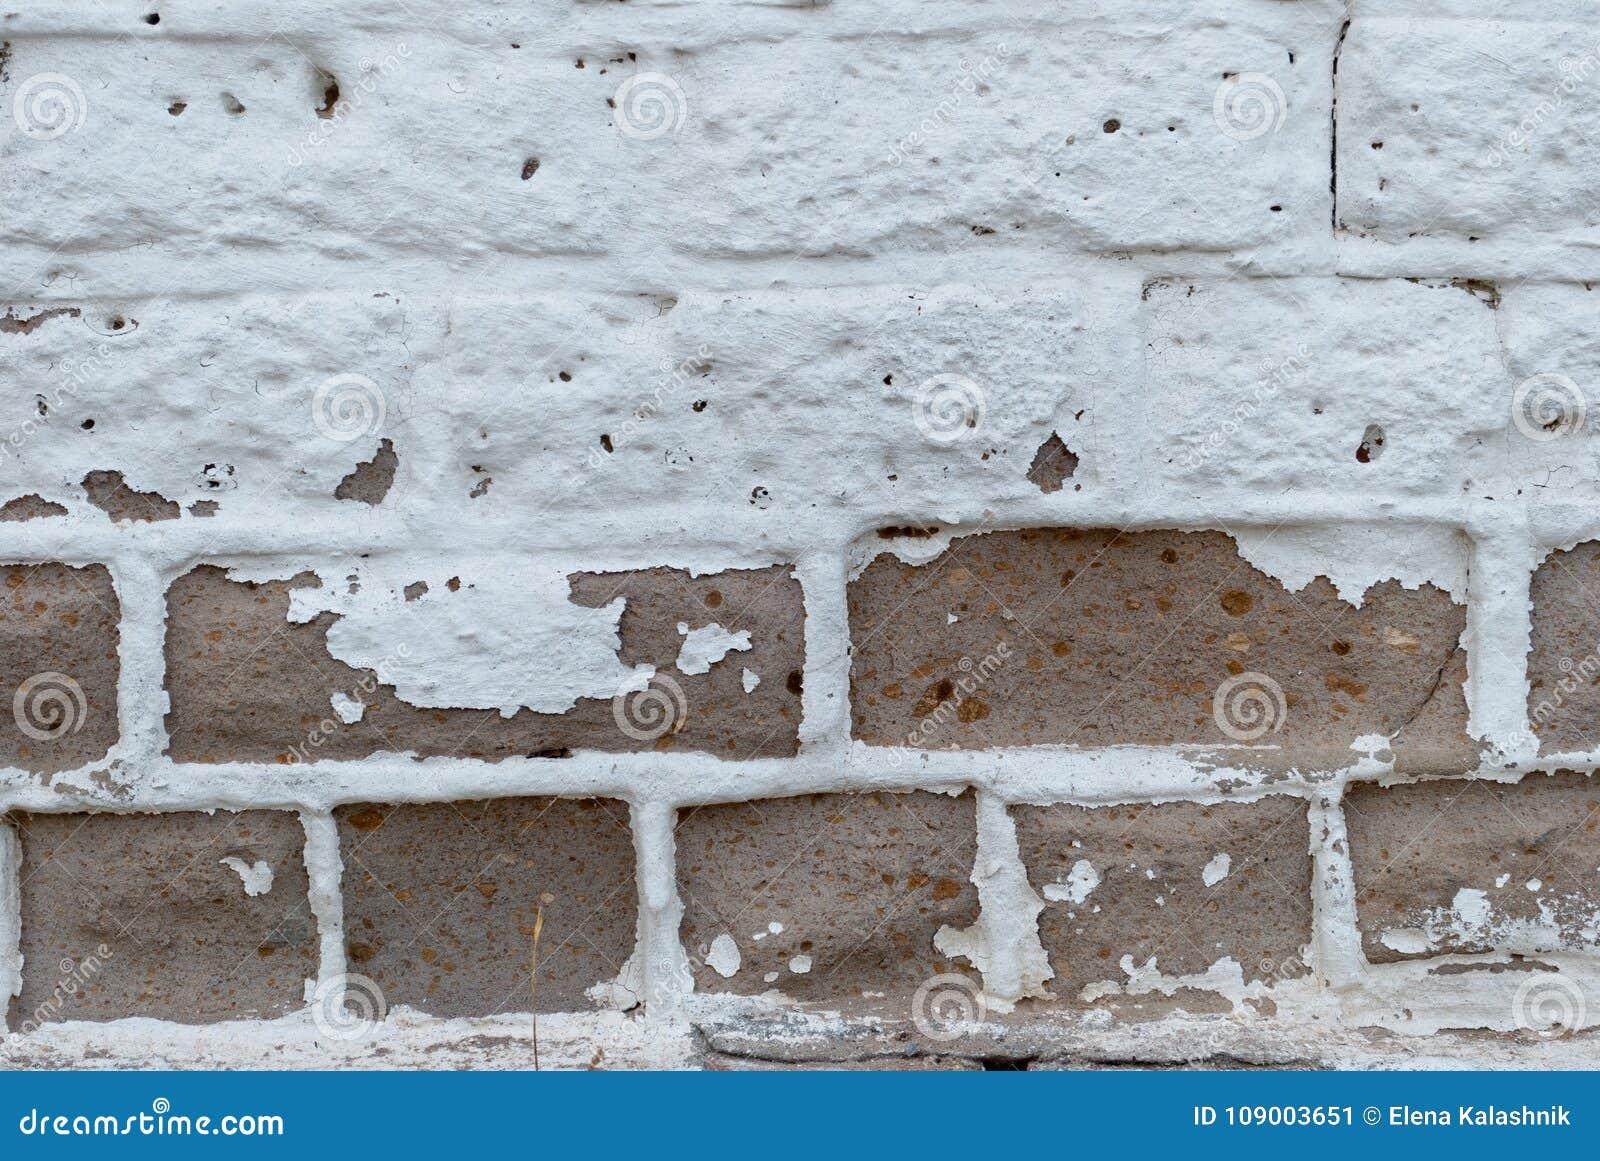 Stenen Muur Verven : Witte bruine bakstenen muur verf barsten oude achtergrond